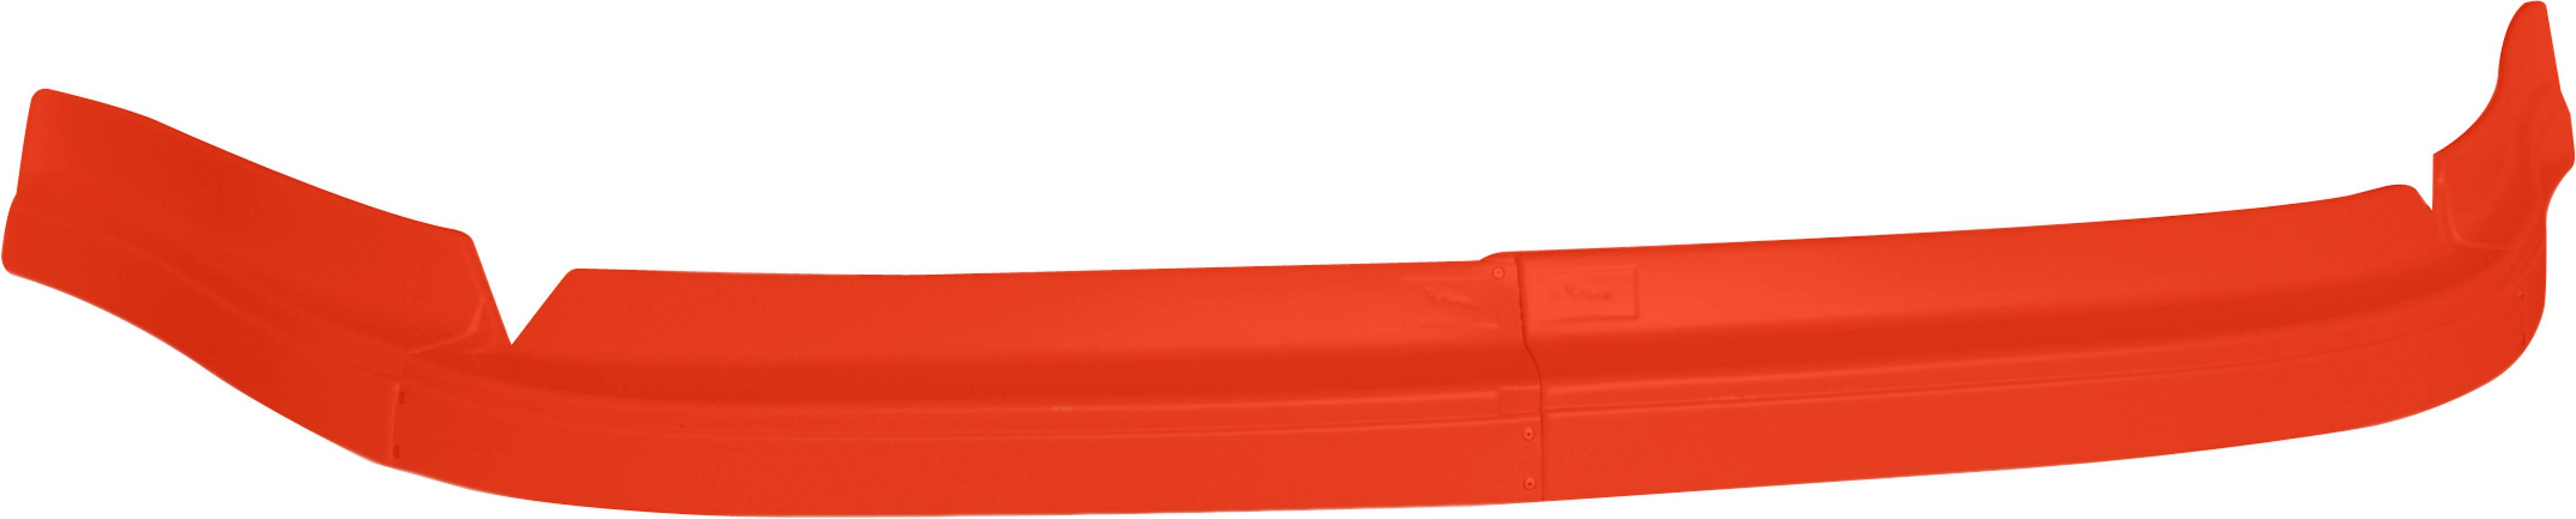 Fivestar Lower Air Valance For MD3 Dirt Nose Orange